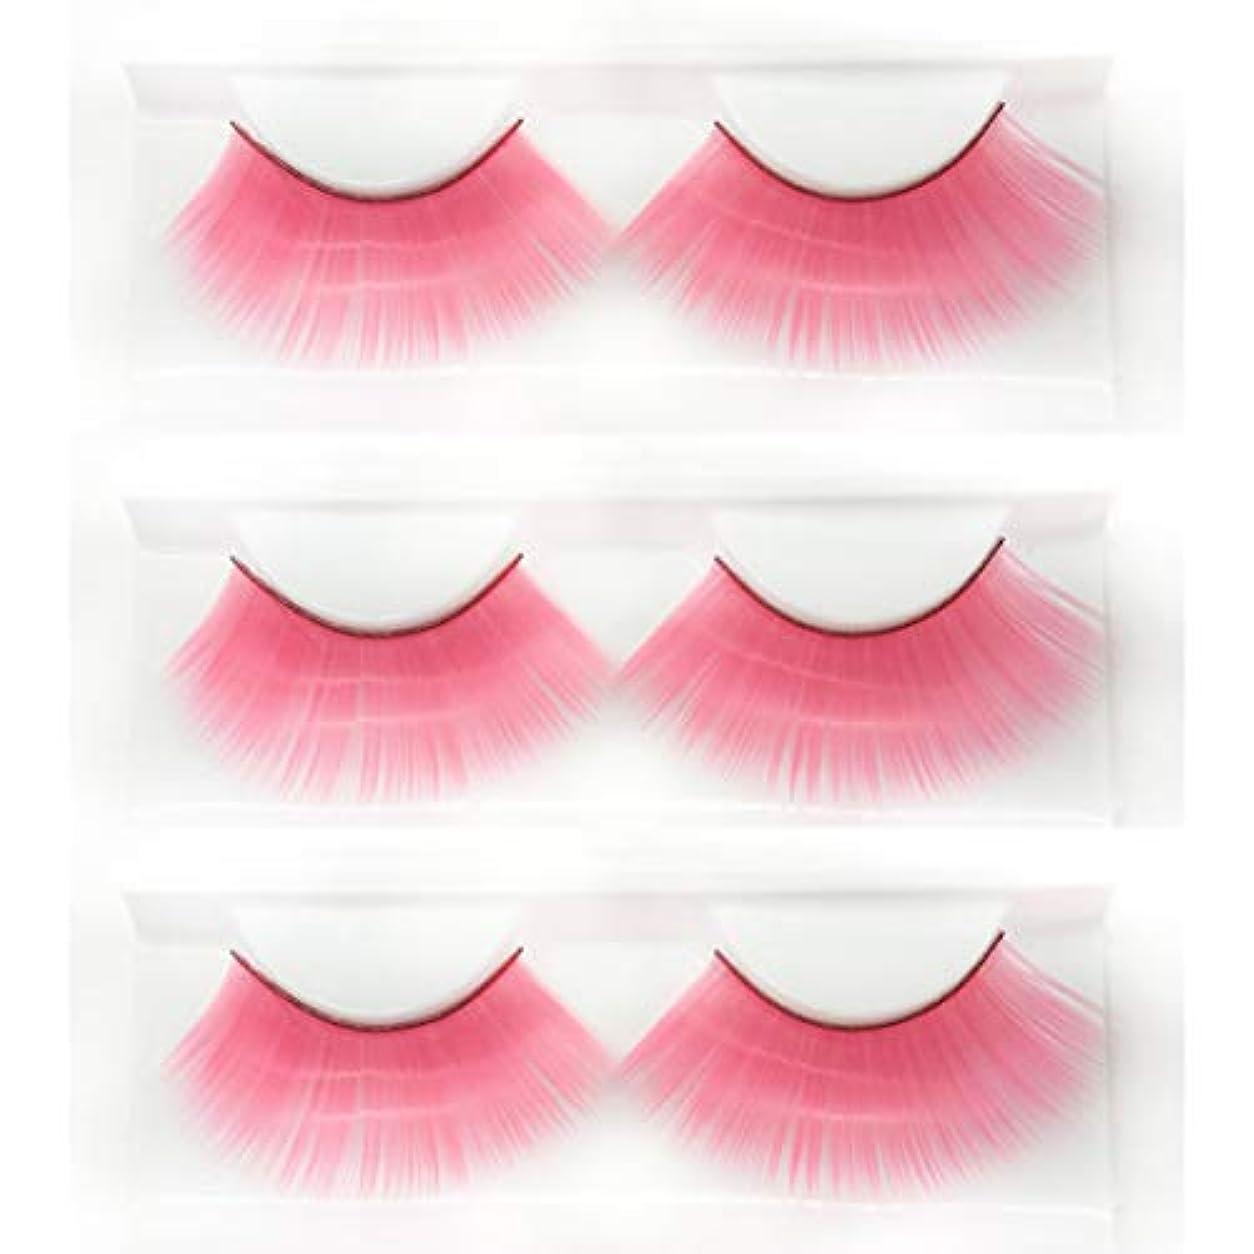 リズミカルなに付けるリングロールプレイの仮面舞踏会に適した、ピンクの長い太いつけまつげ、斬新なファッションの豪華な誇張されたスタイルの3組、再利用可能